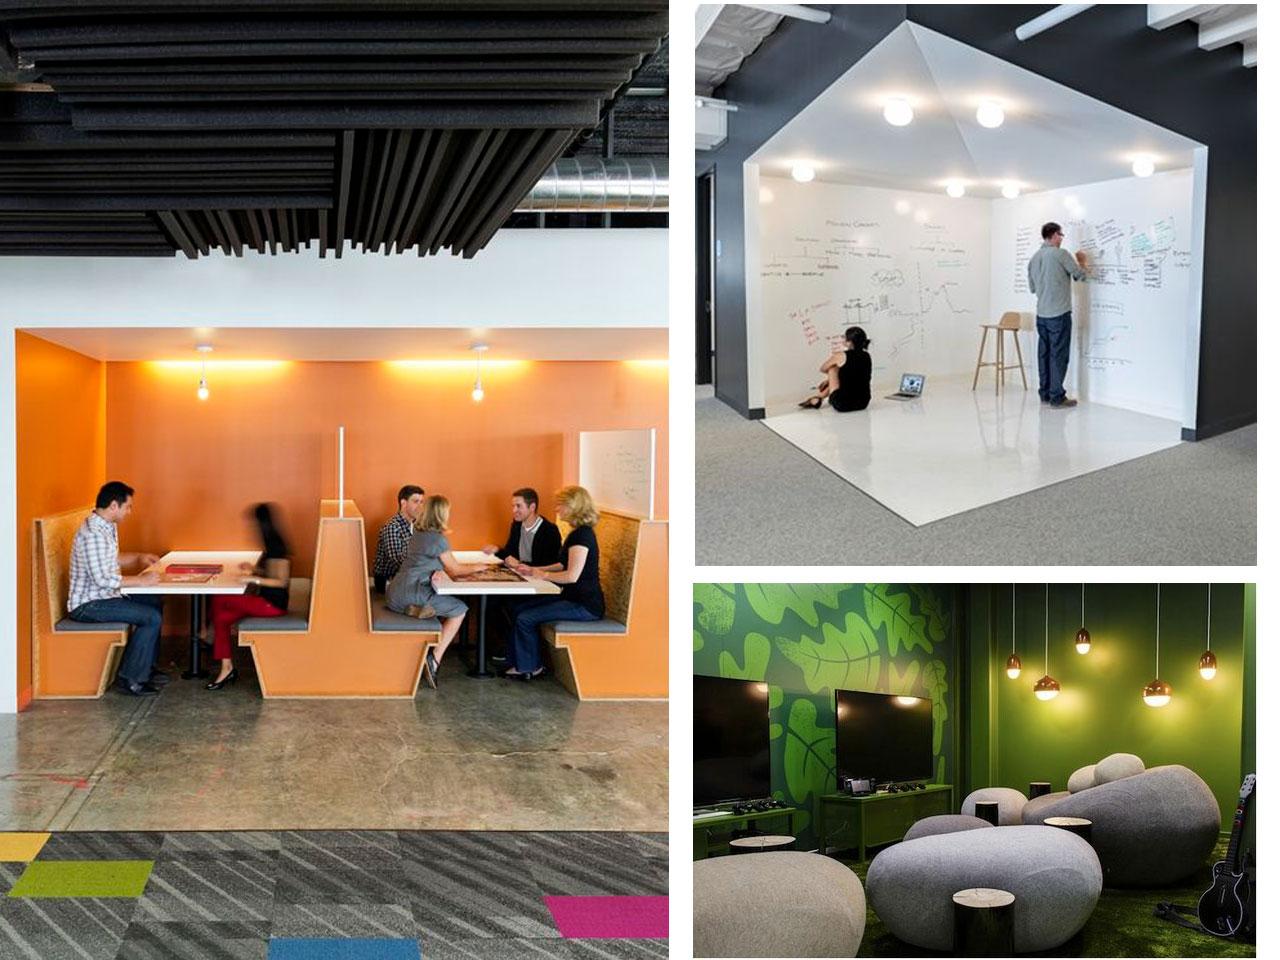 Tendencias oficinas 2016 2017 dise o de interiores - Empresa diseno de interiores ...